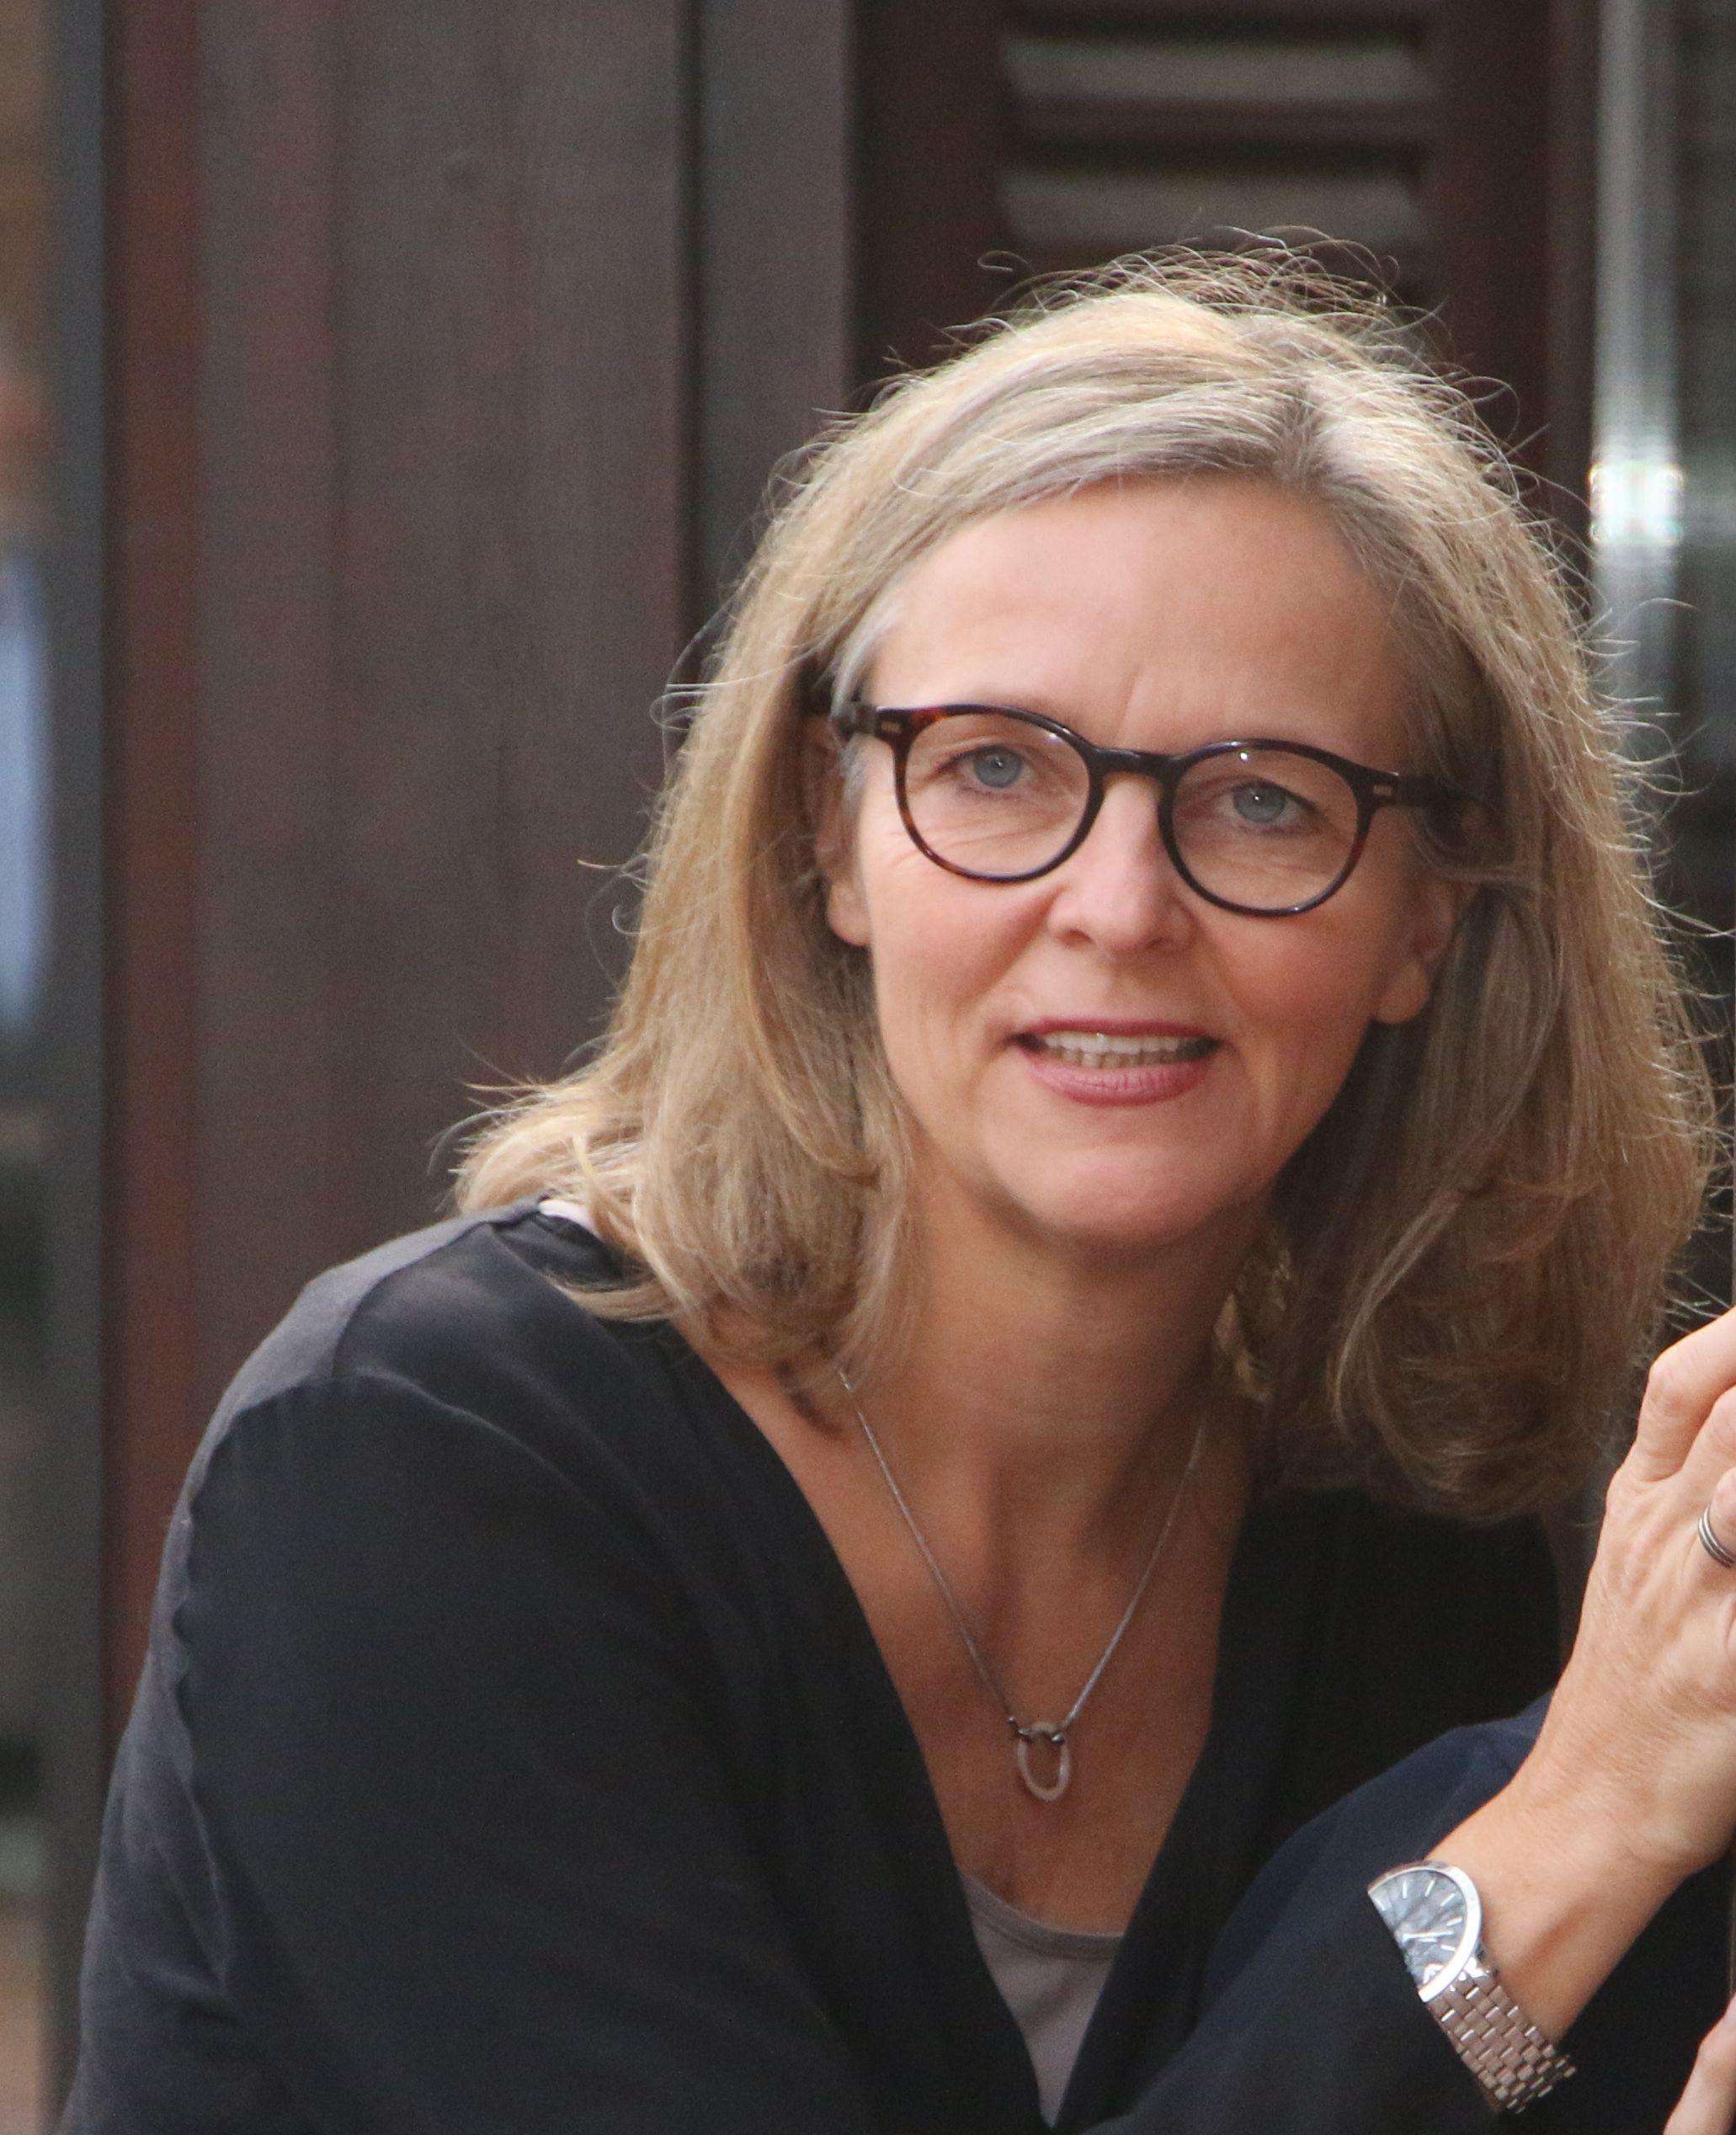 Katja Raeuber